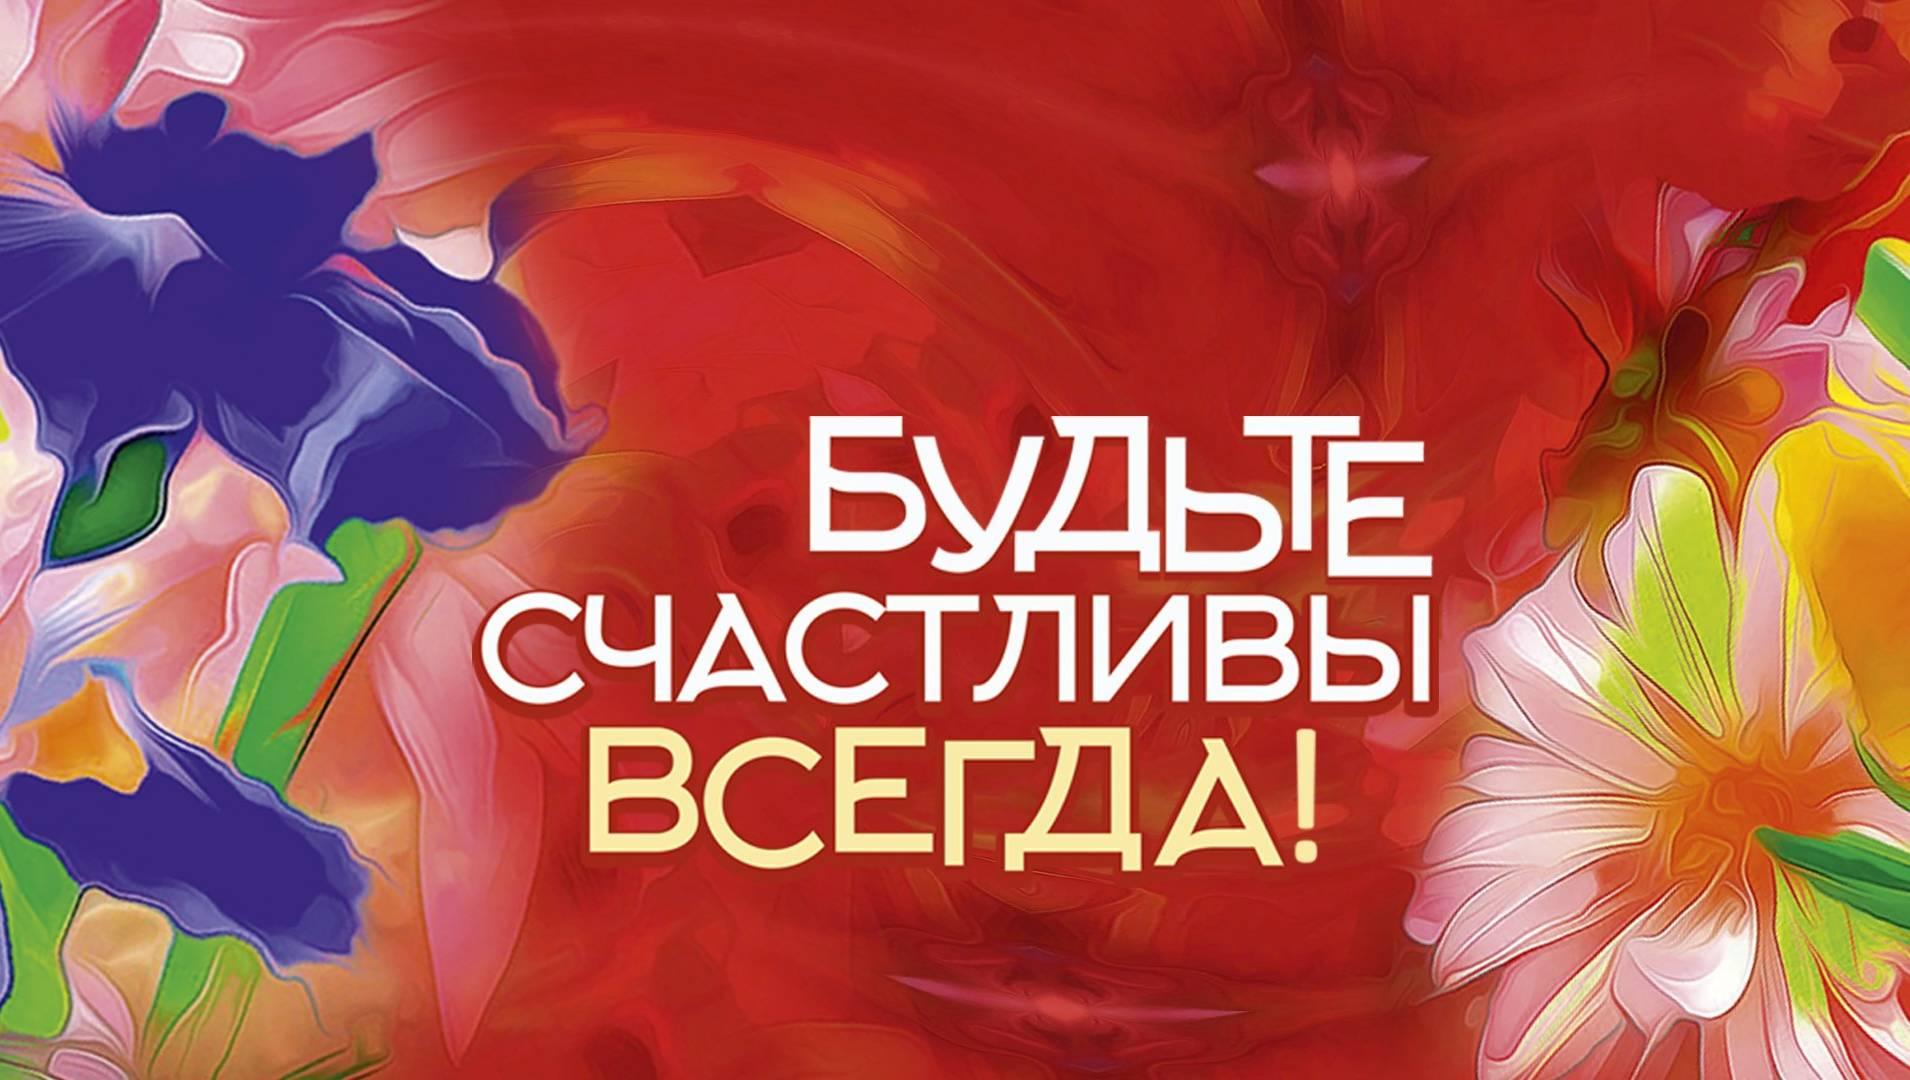 """Большой праздничный концерт в Государственном Кремлевском Дворце """"Будьте счастливы всегда!"""" - Концерт"""